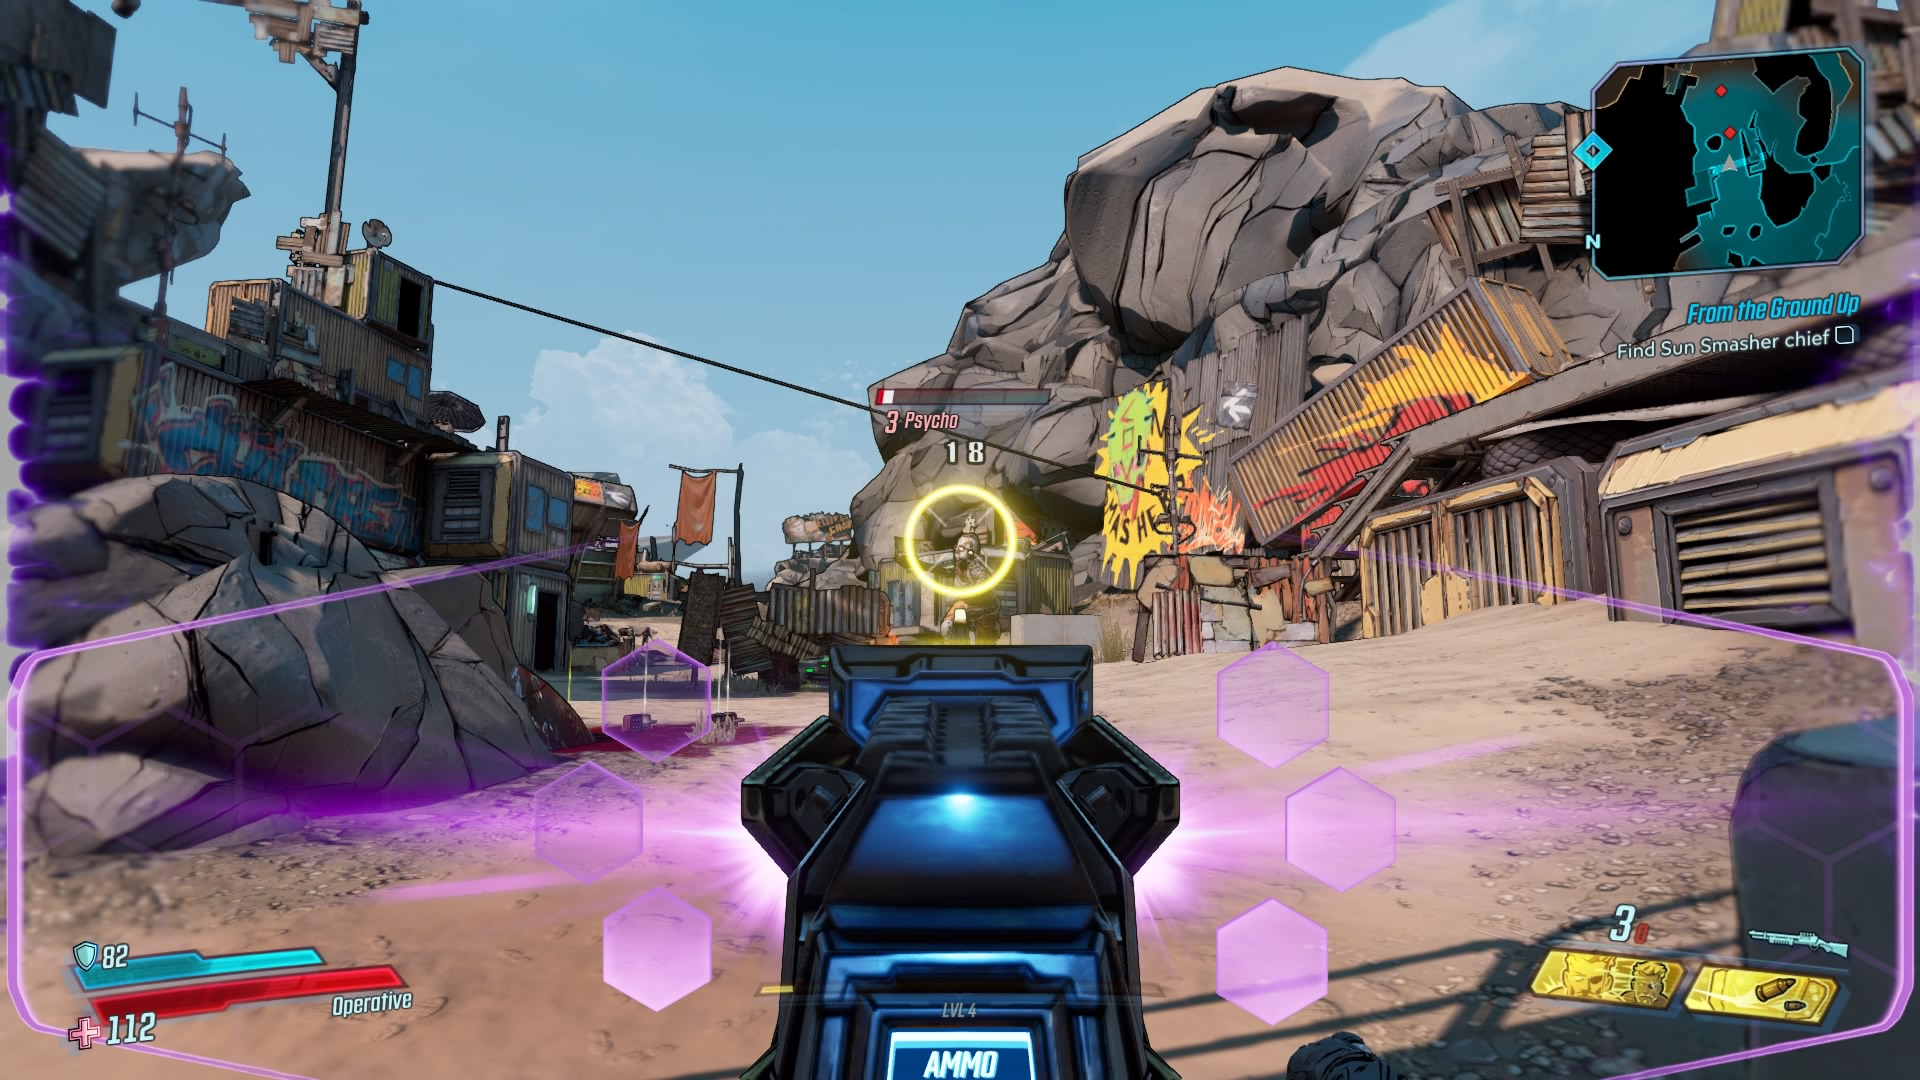 Borderlands 3 - kosmicznie dobra zabawa z kilkoma potknięciami (recenzja) 23